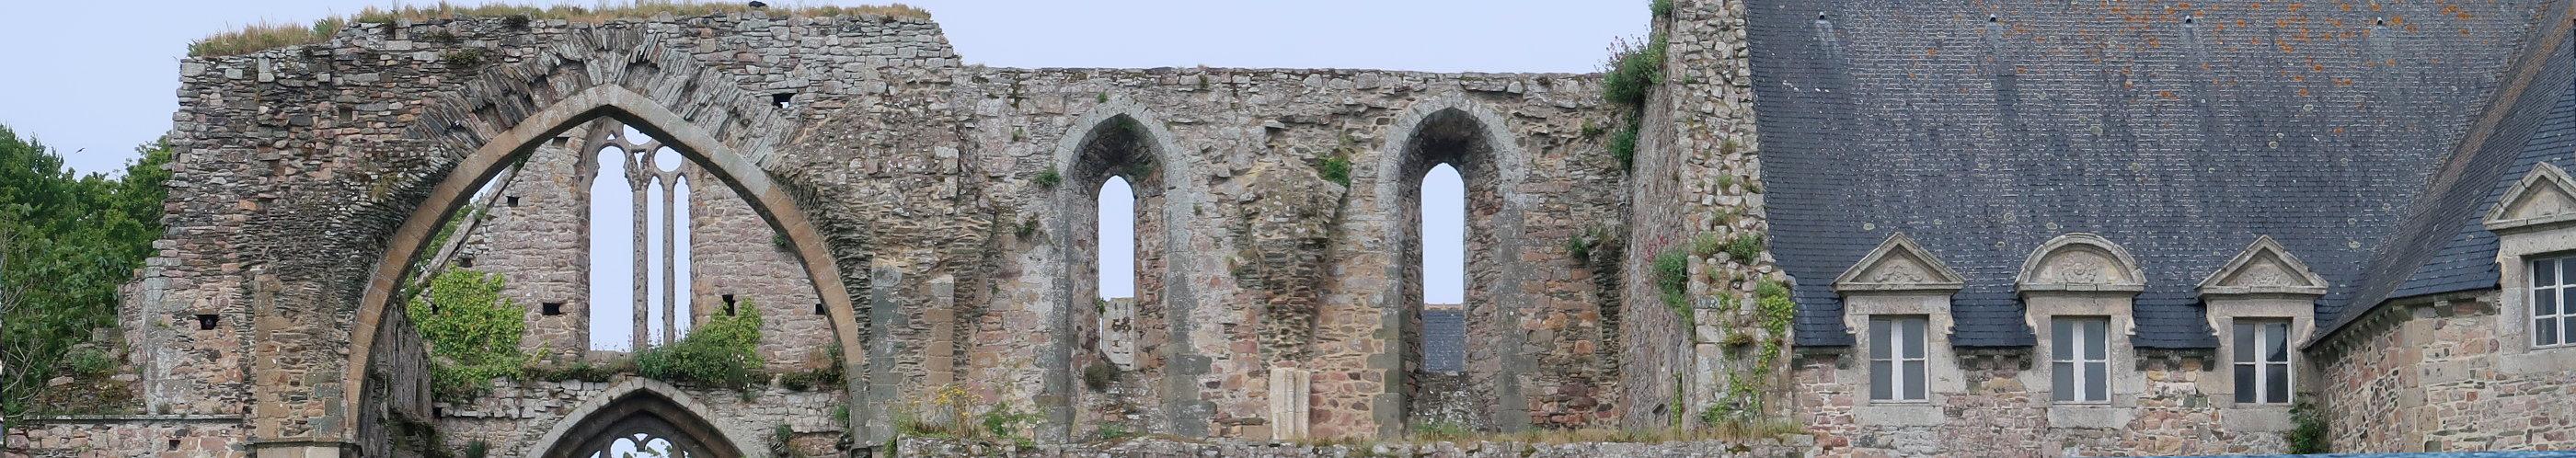 Bild der Abbaye Beauport